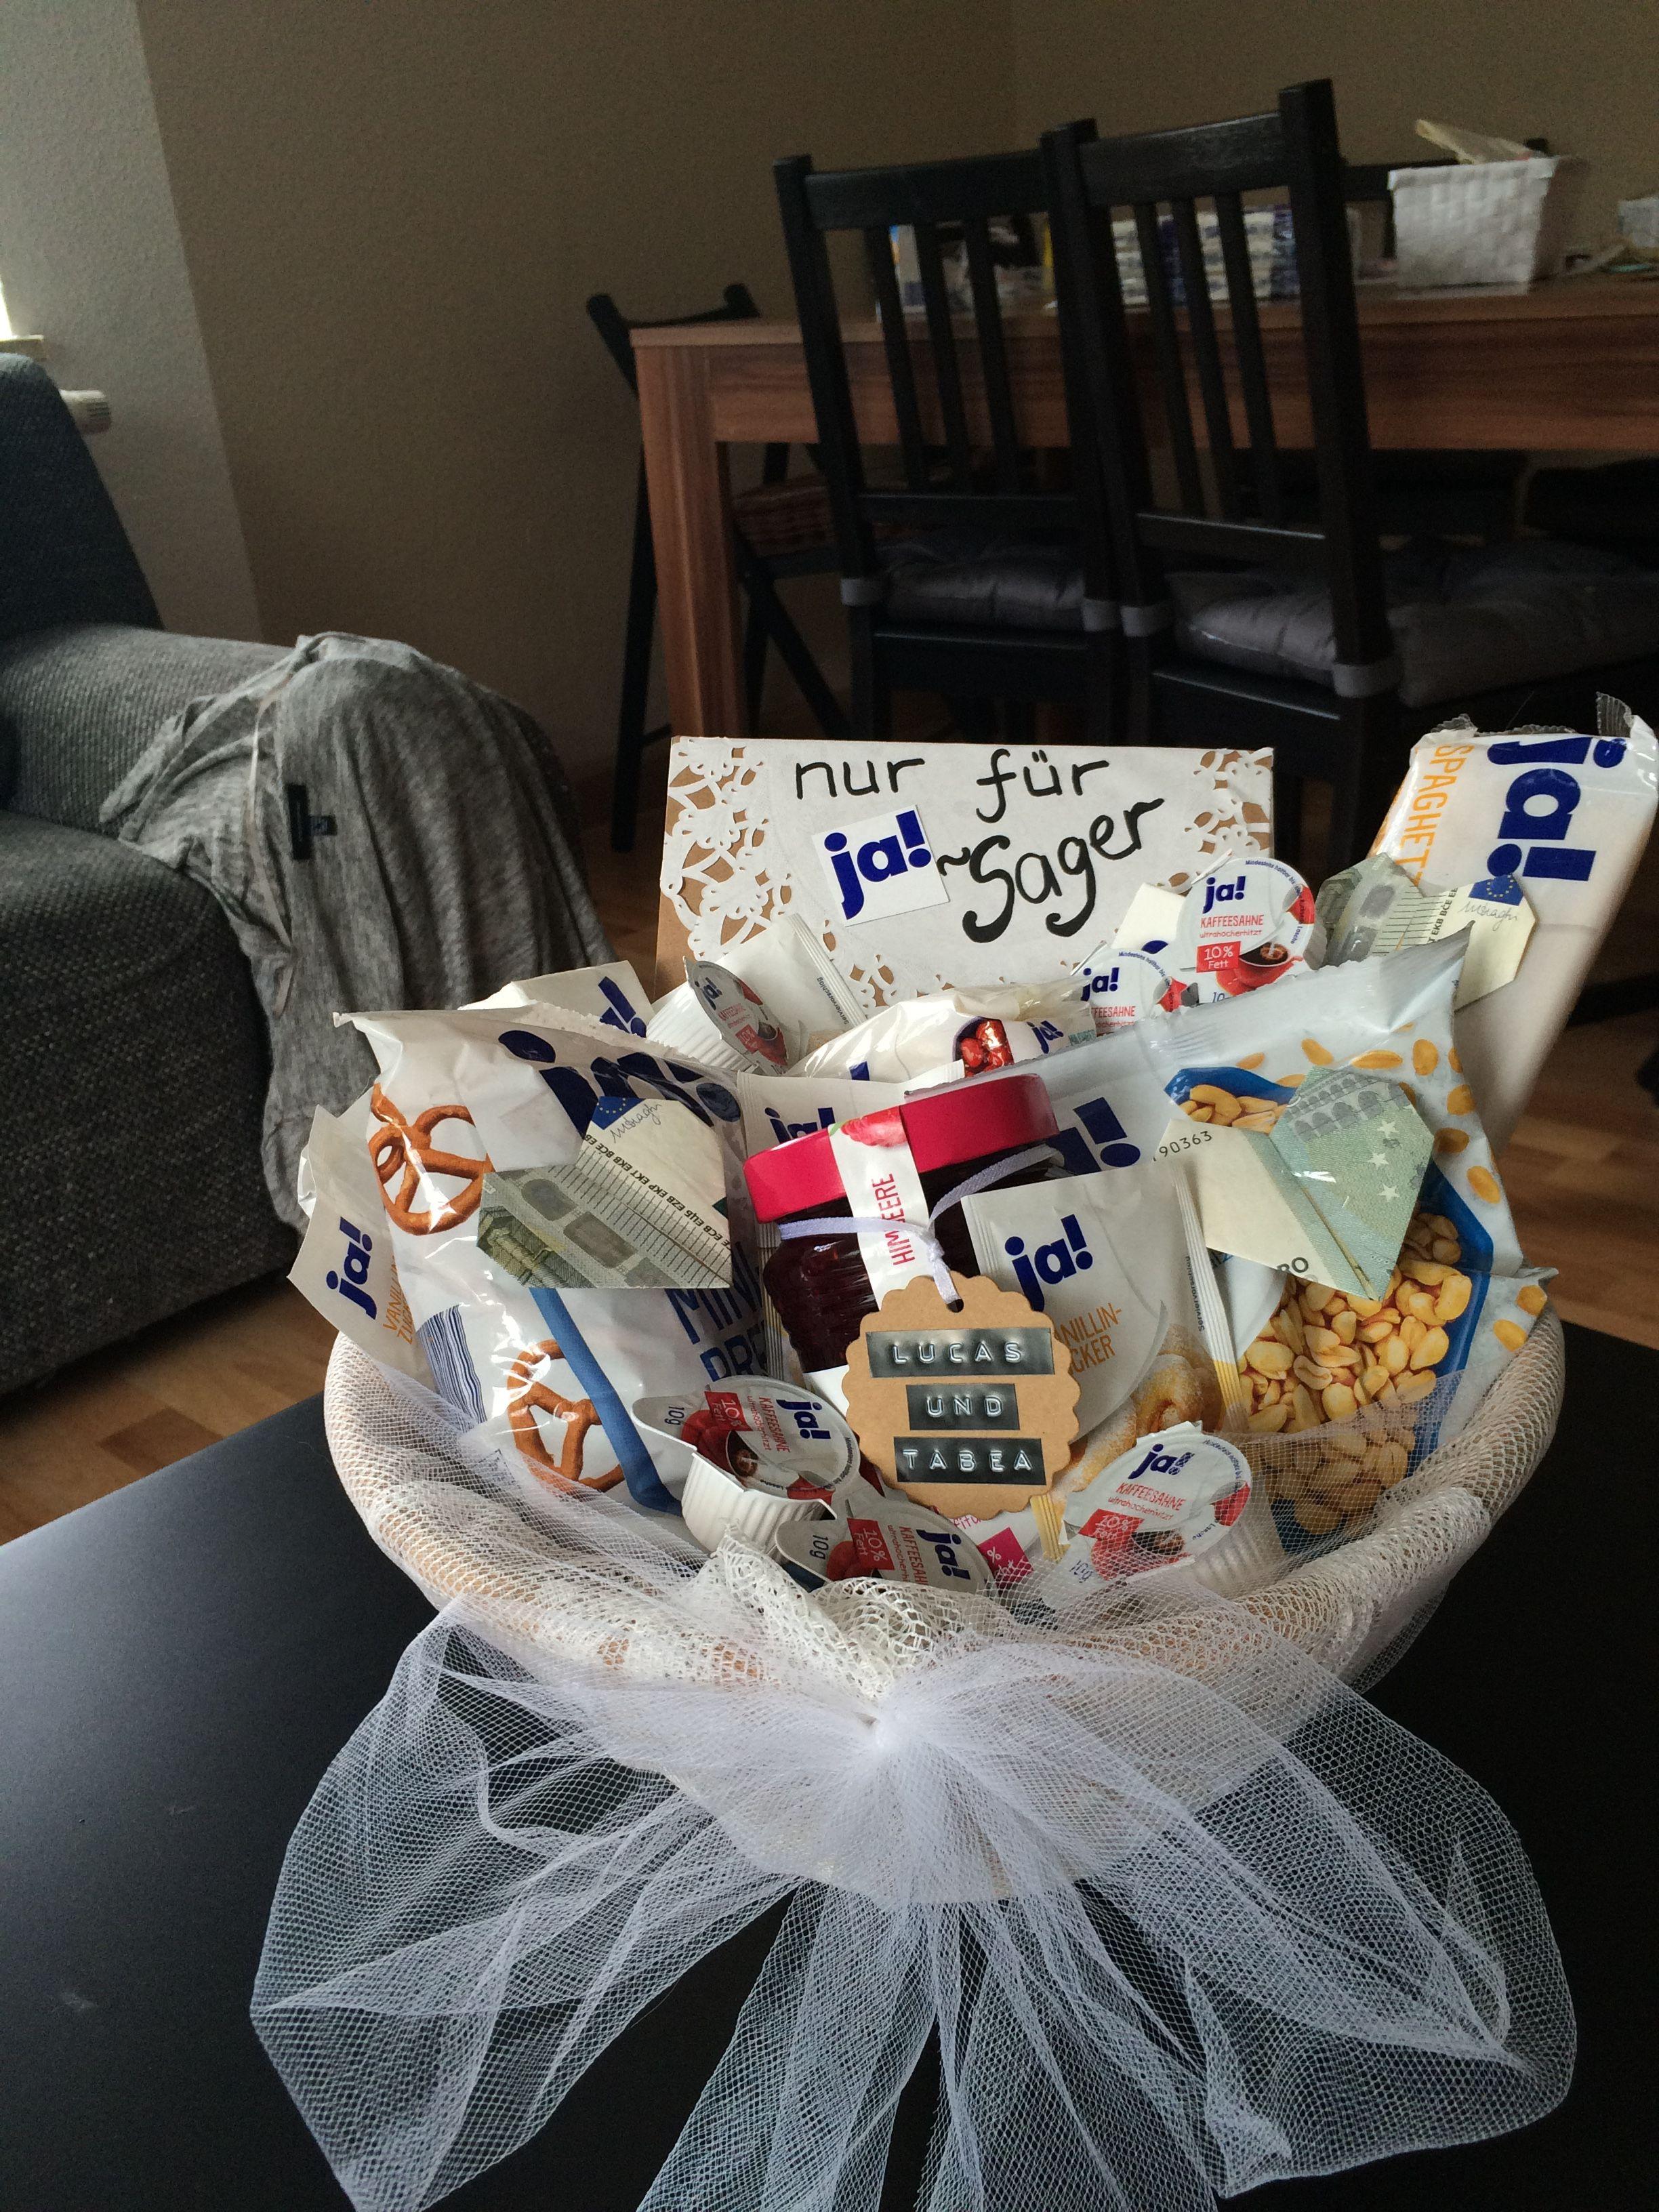 Hochzeitsgeschenk Idee Ja Sager  Geschenkidee  Geschenk hochzeit Geldgeschenke hochzeit und